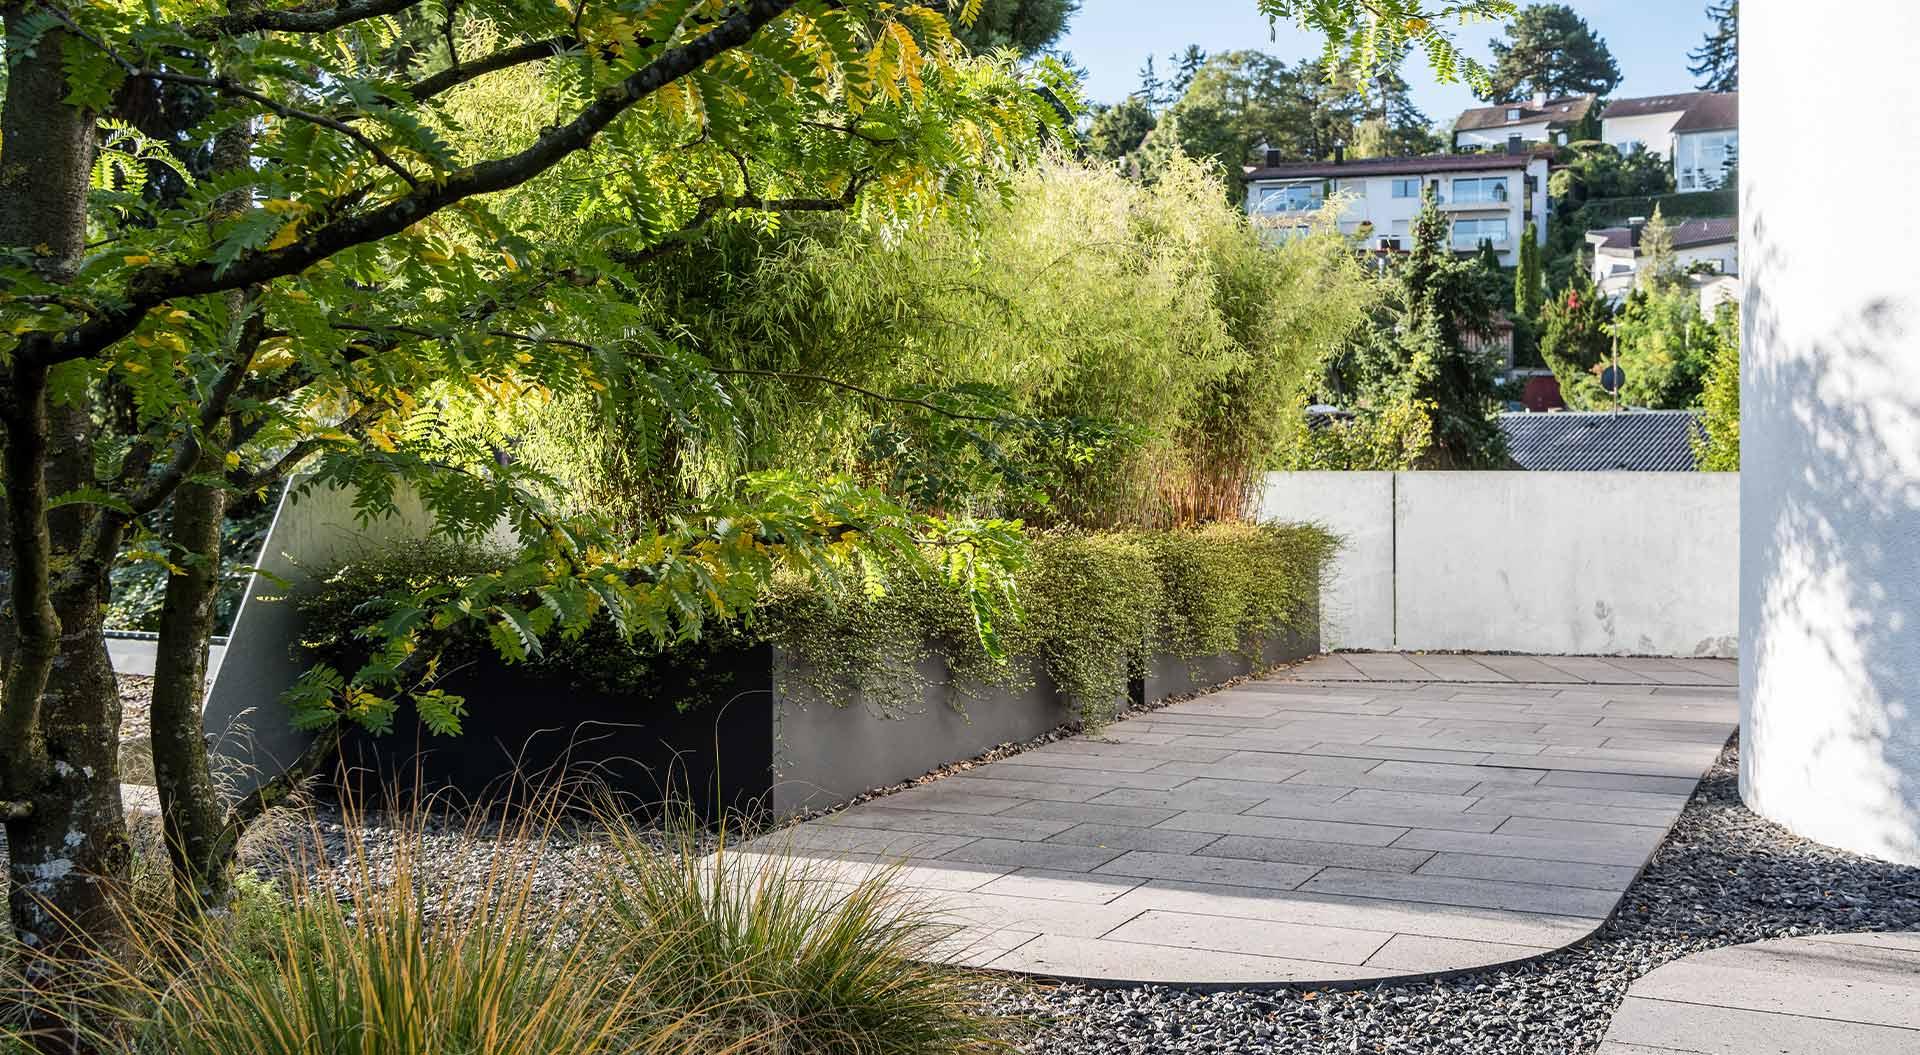 Narrow courtyard area within the natural green garden